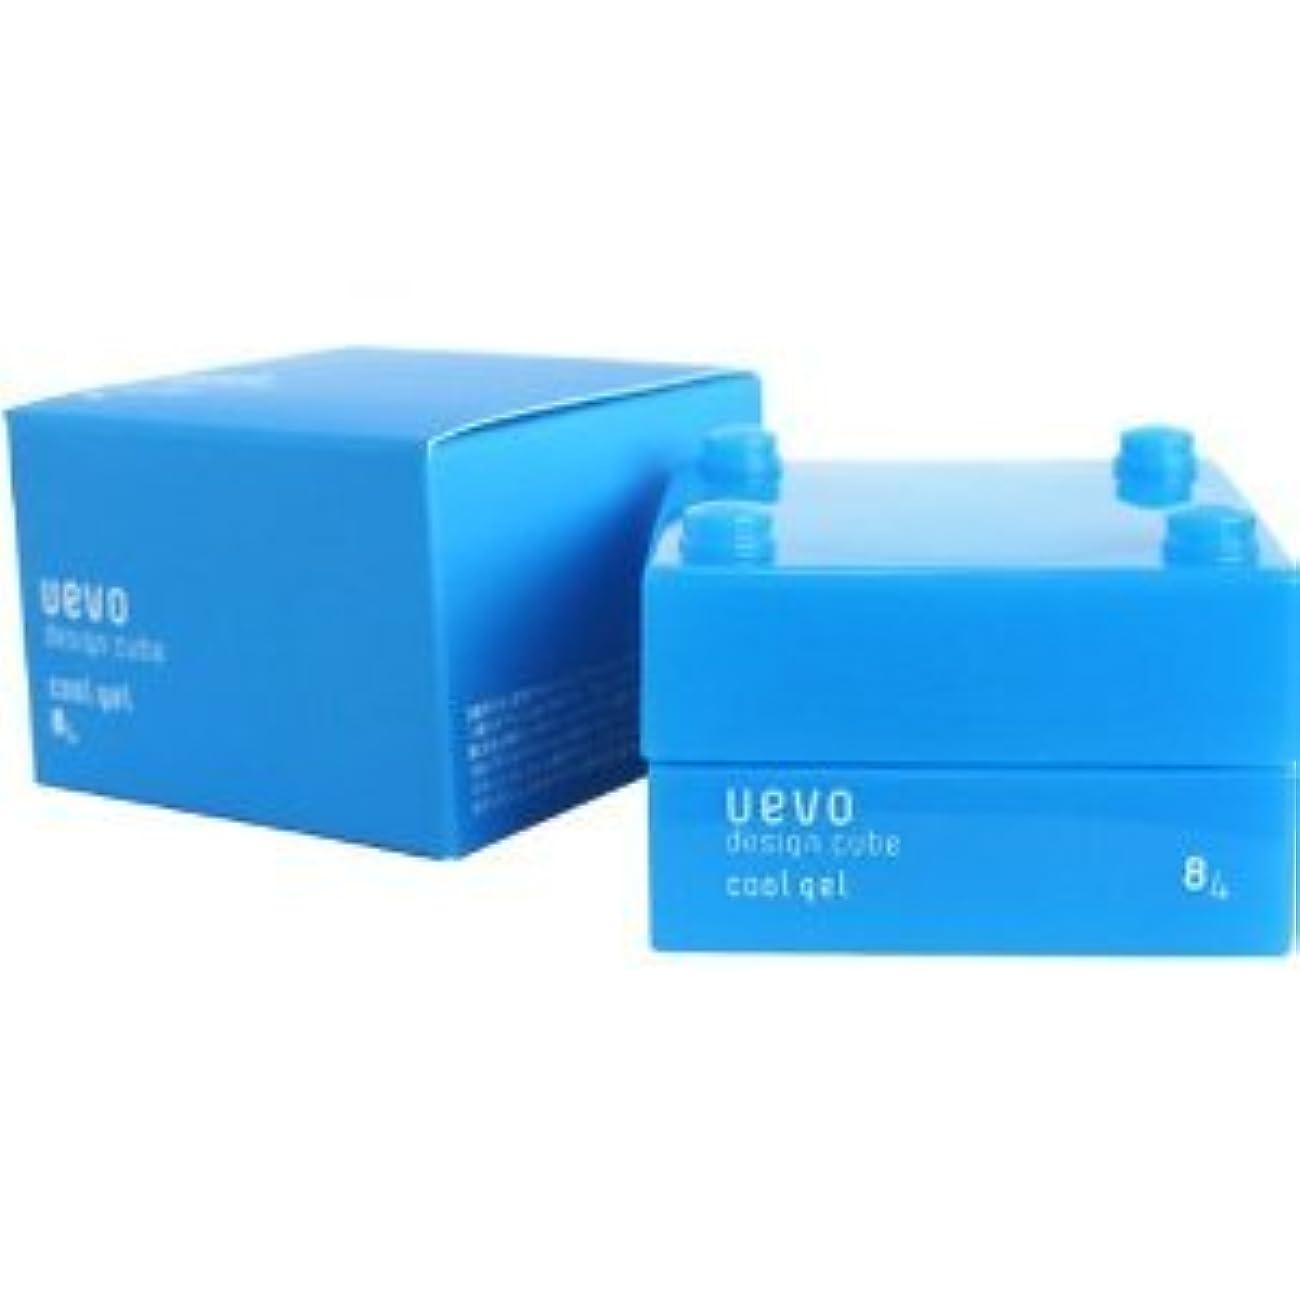 スキッパー助けて追加する【X3個セット】 デミ ウェーボ デザインキューブ クールジェル 30g cool gel DEMI uevo design cube